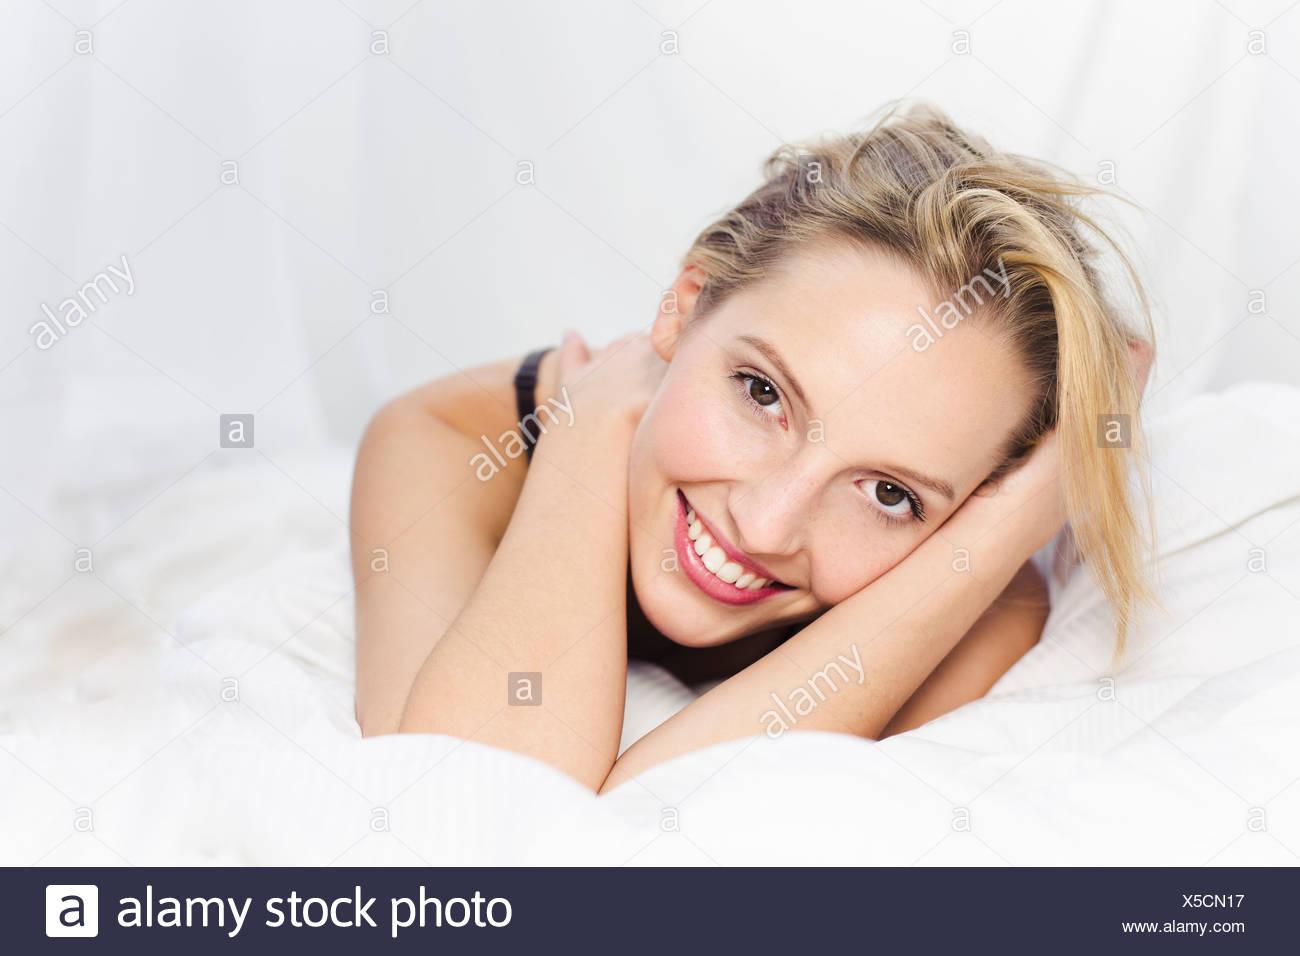 Giovane donna che guarda la fotocamera, sorridente Immagini Stock